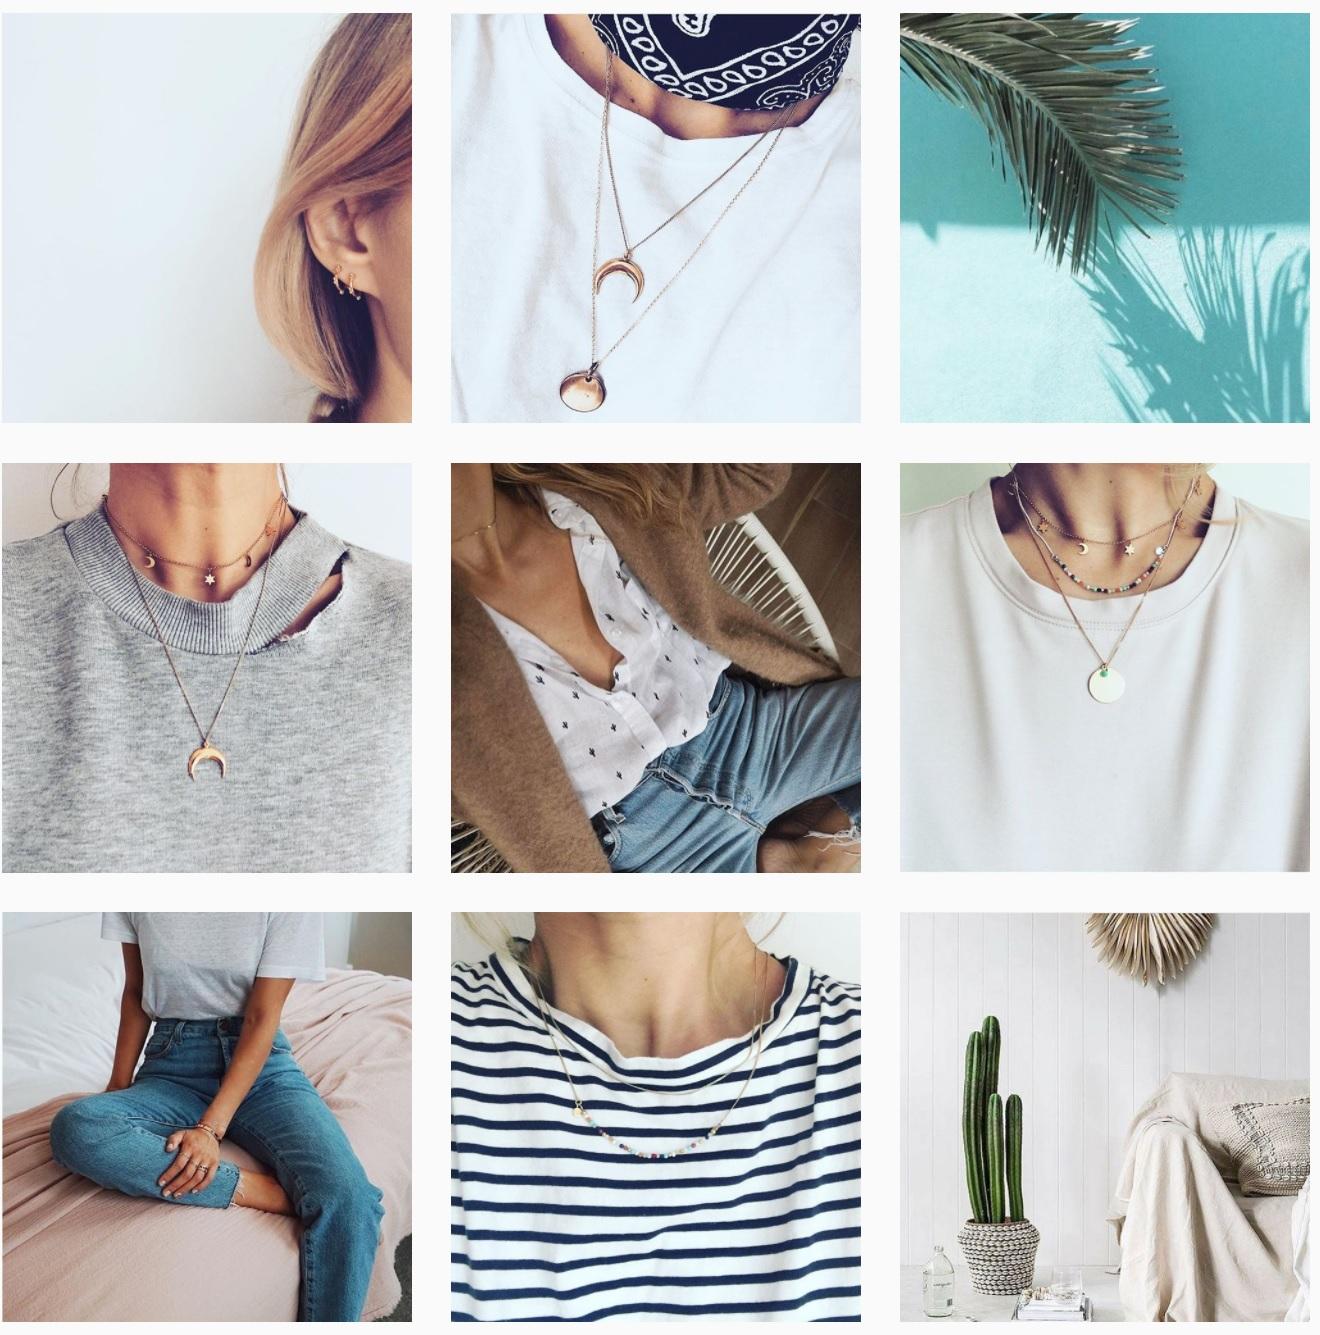 mood jewelery